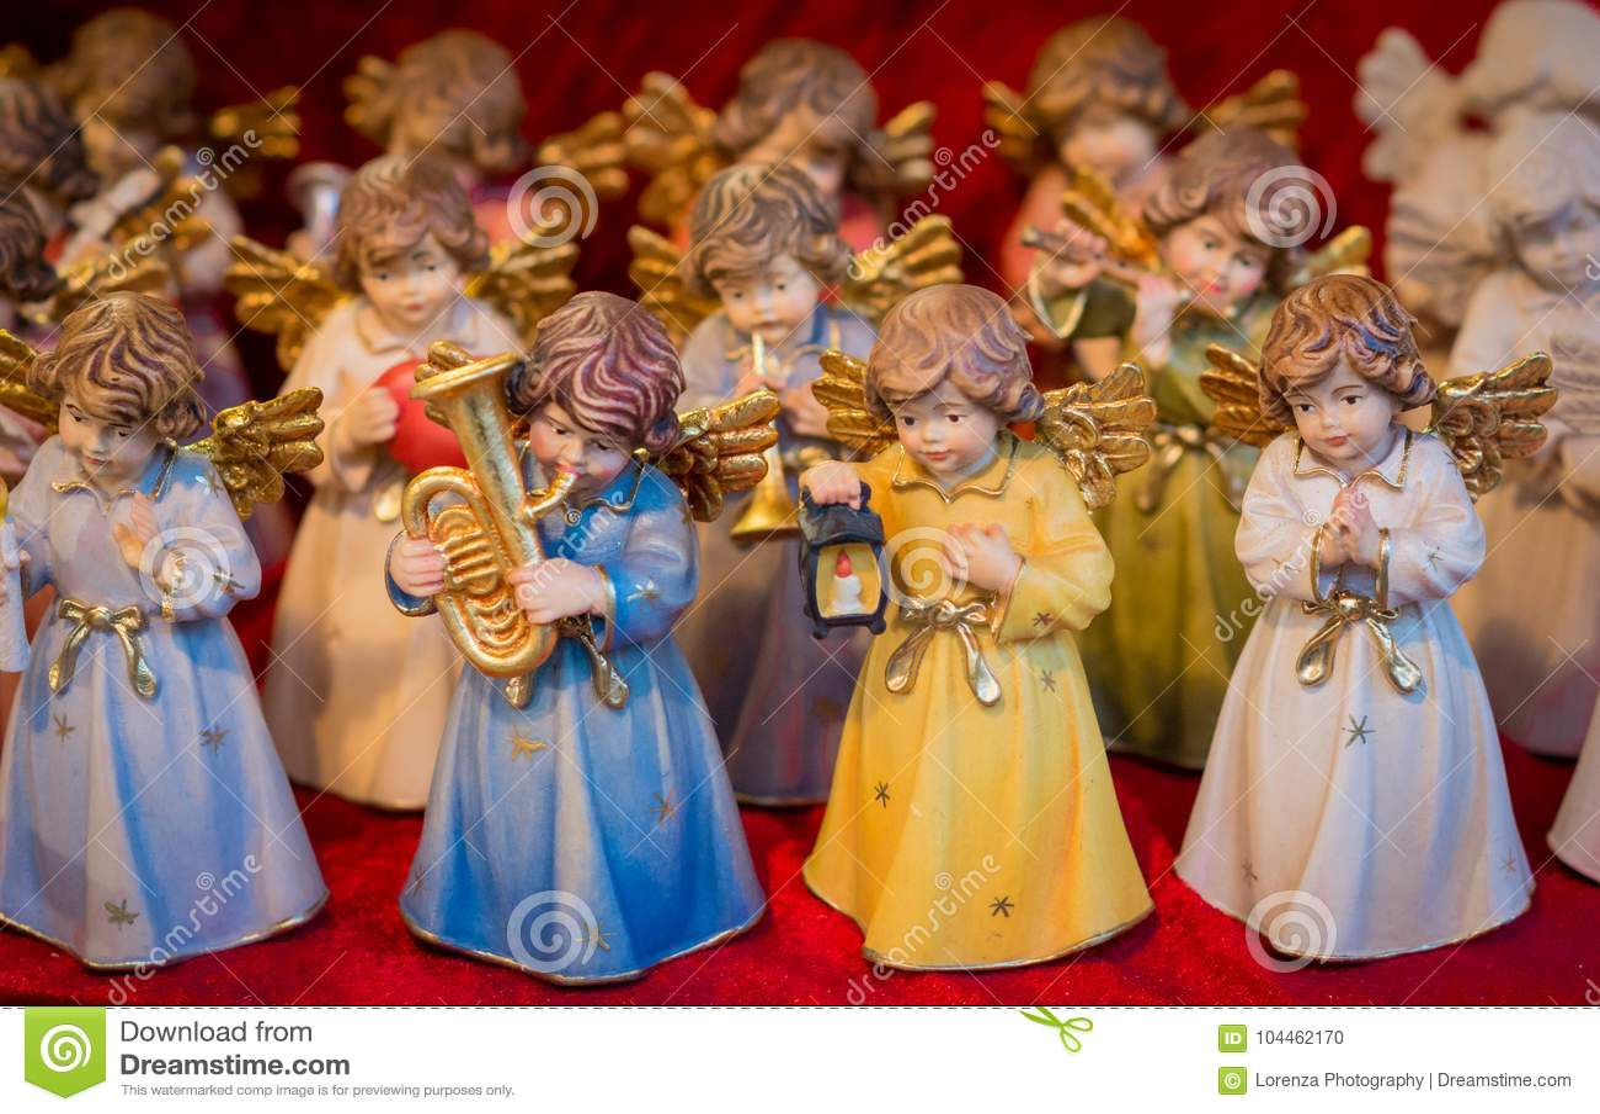 Souvenir du marché de Noël, Trentino Alto Adige, Italie du nord Noël de Trento, foyer sélectif